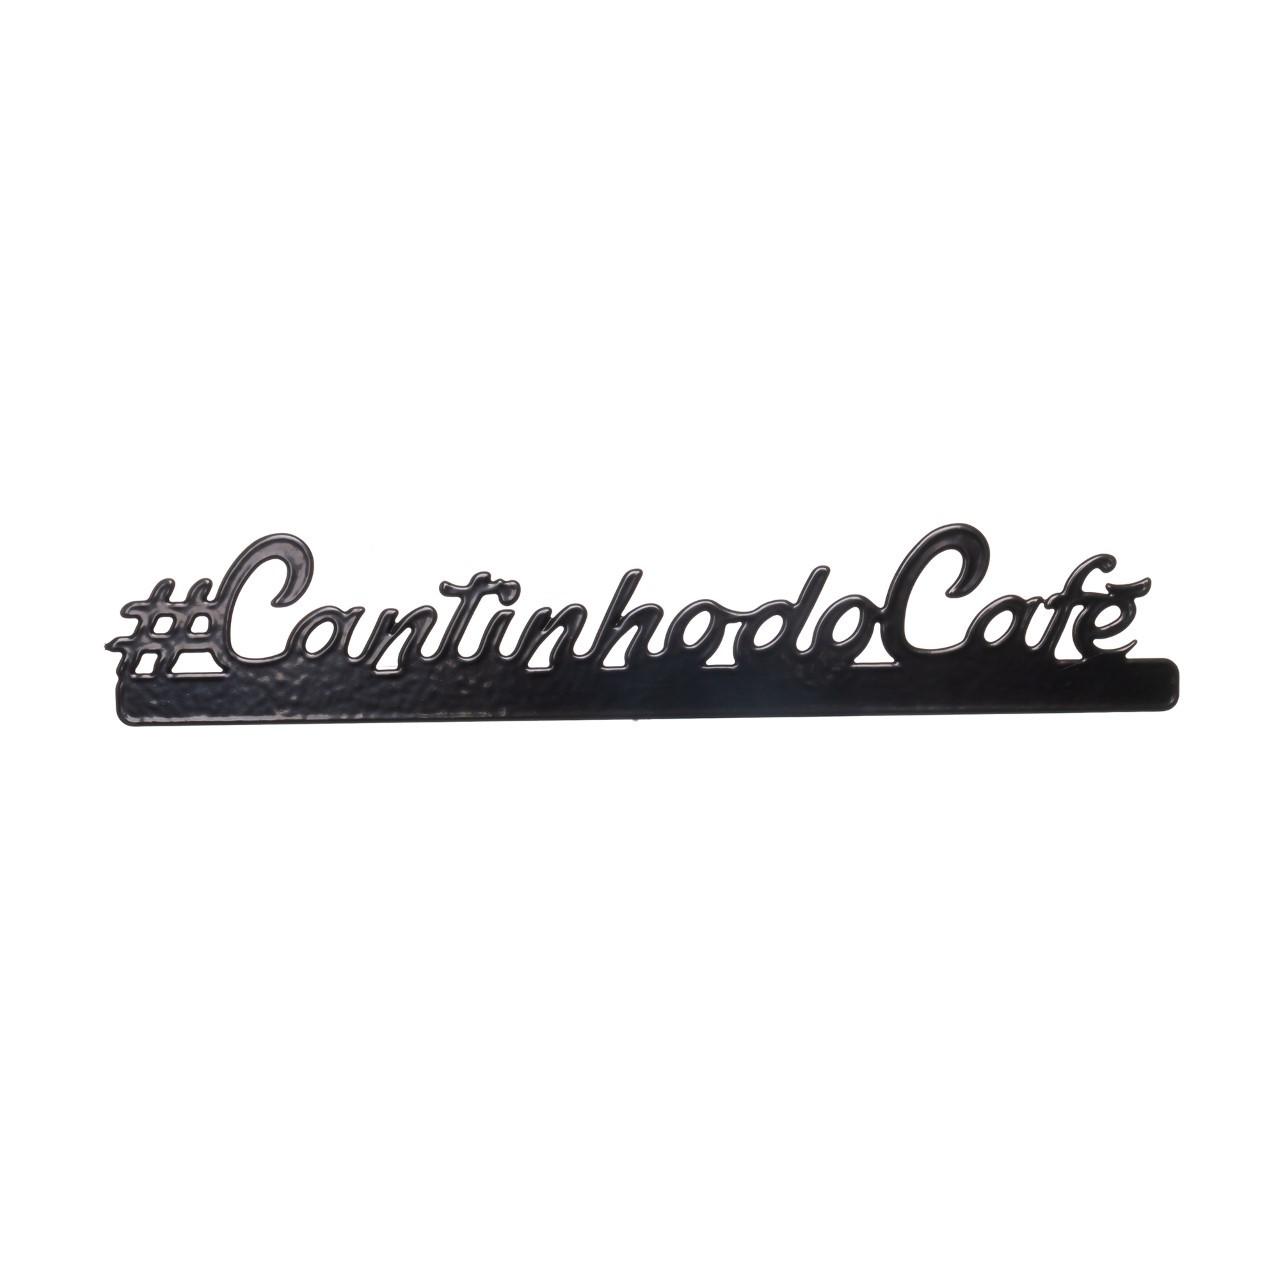 Placa Decorativa Cantinho do Cafe 40cm - Metaltru